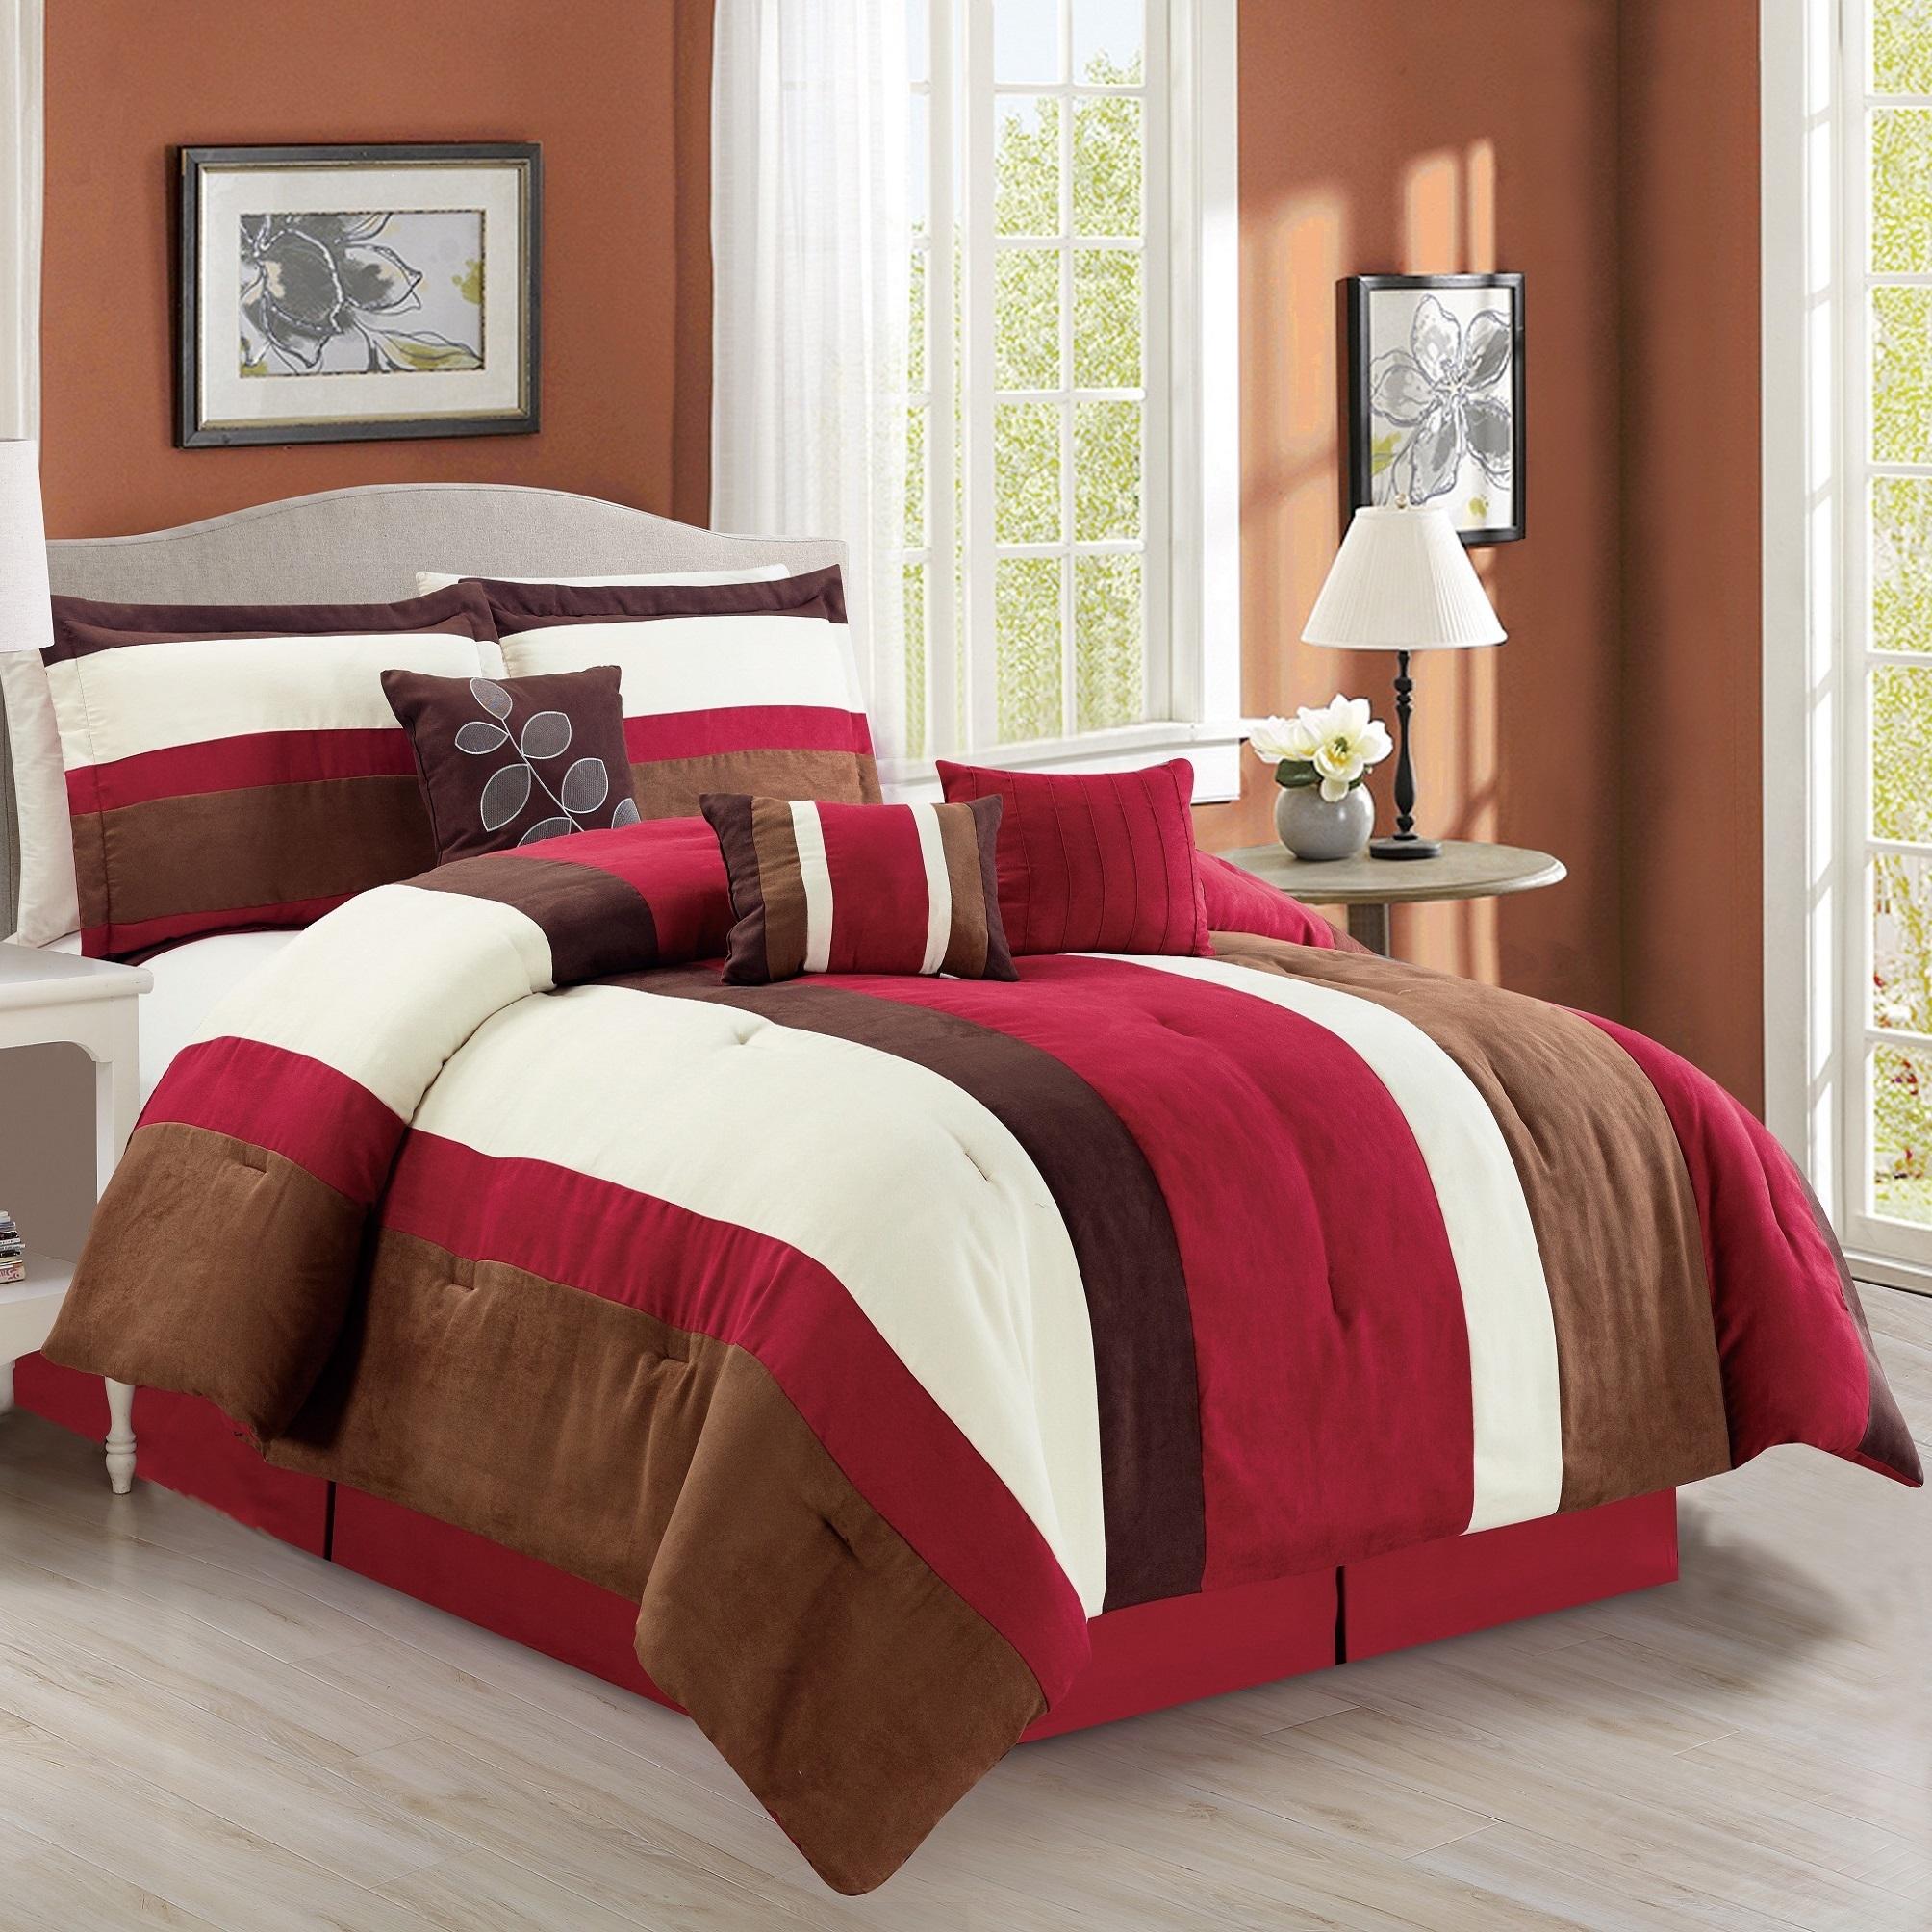 set light p r chocolate browning deer comforter buckmark suede bedding